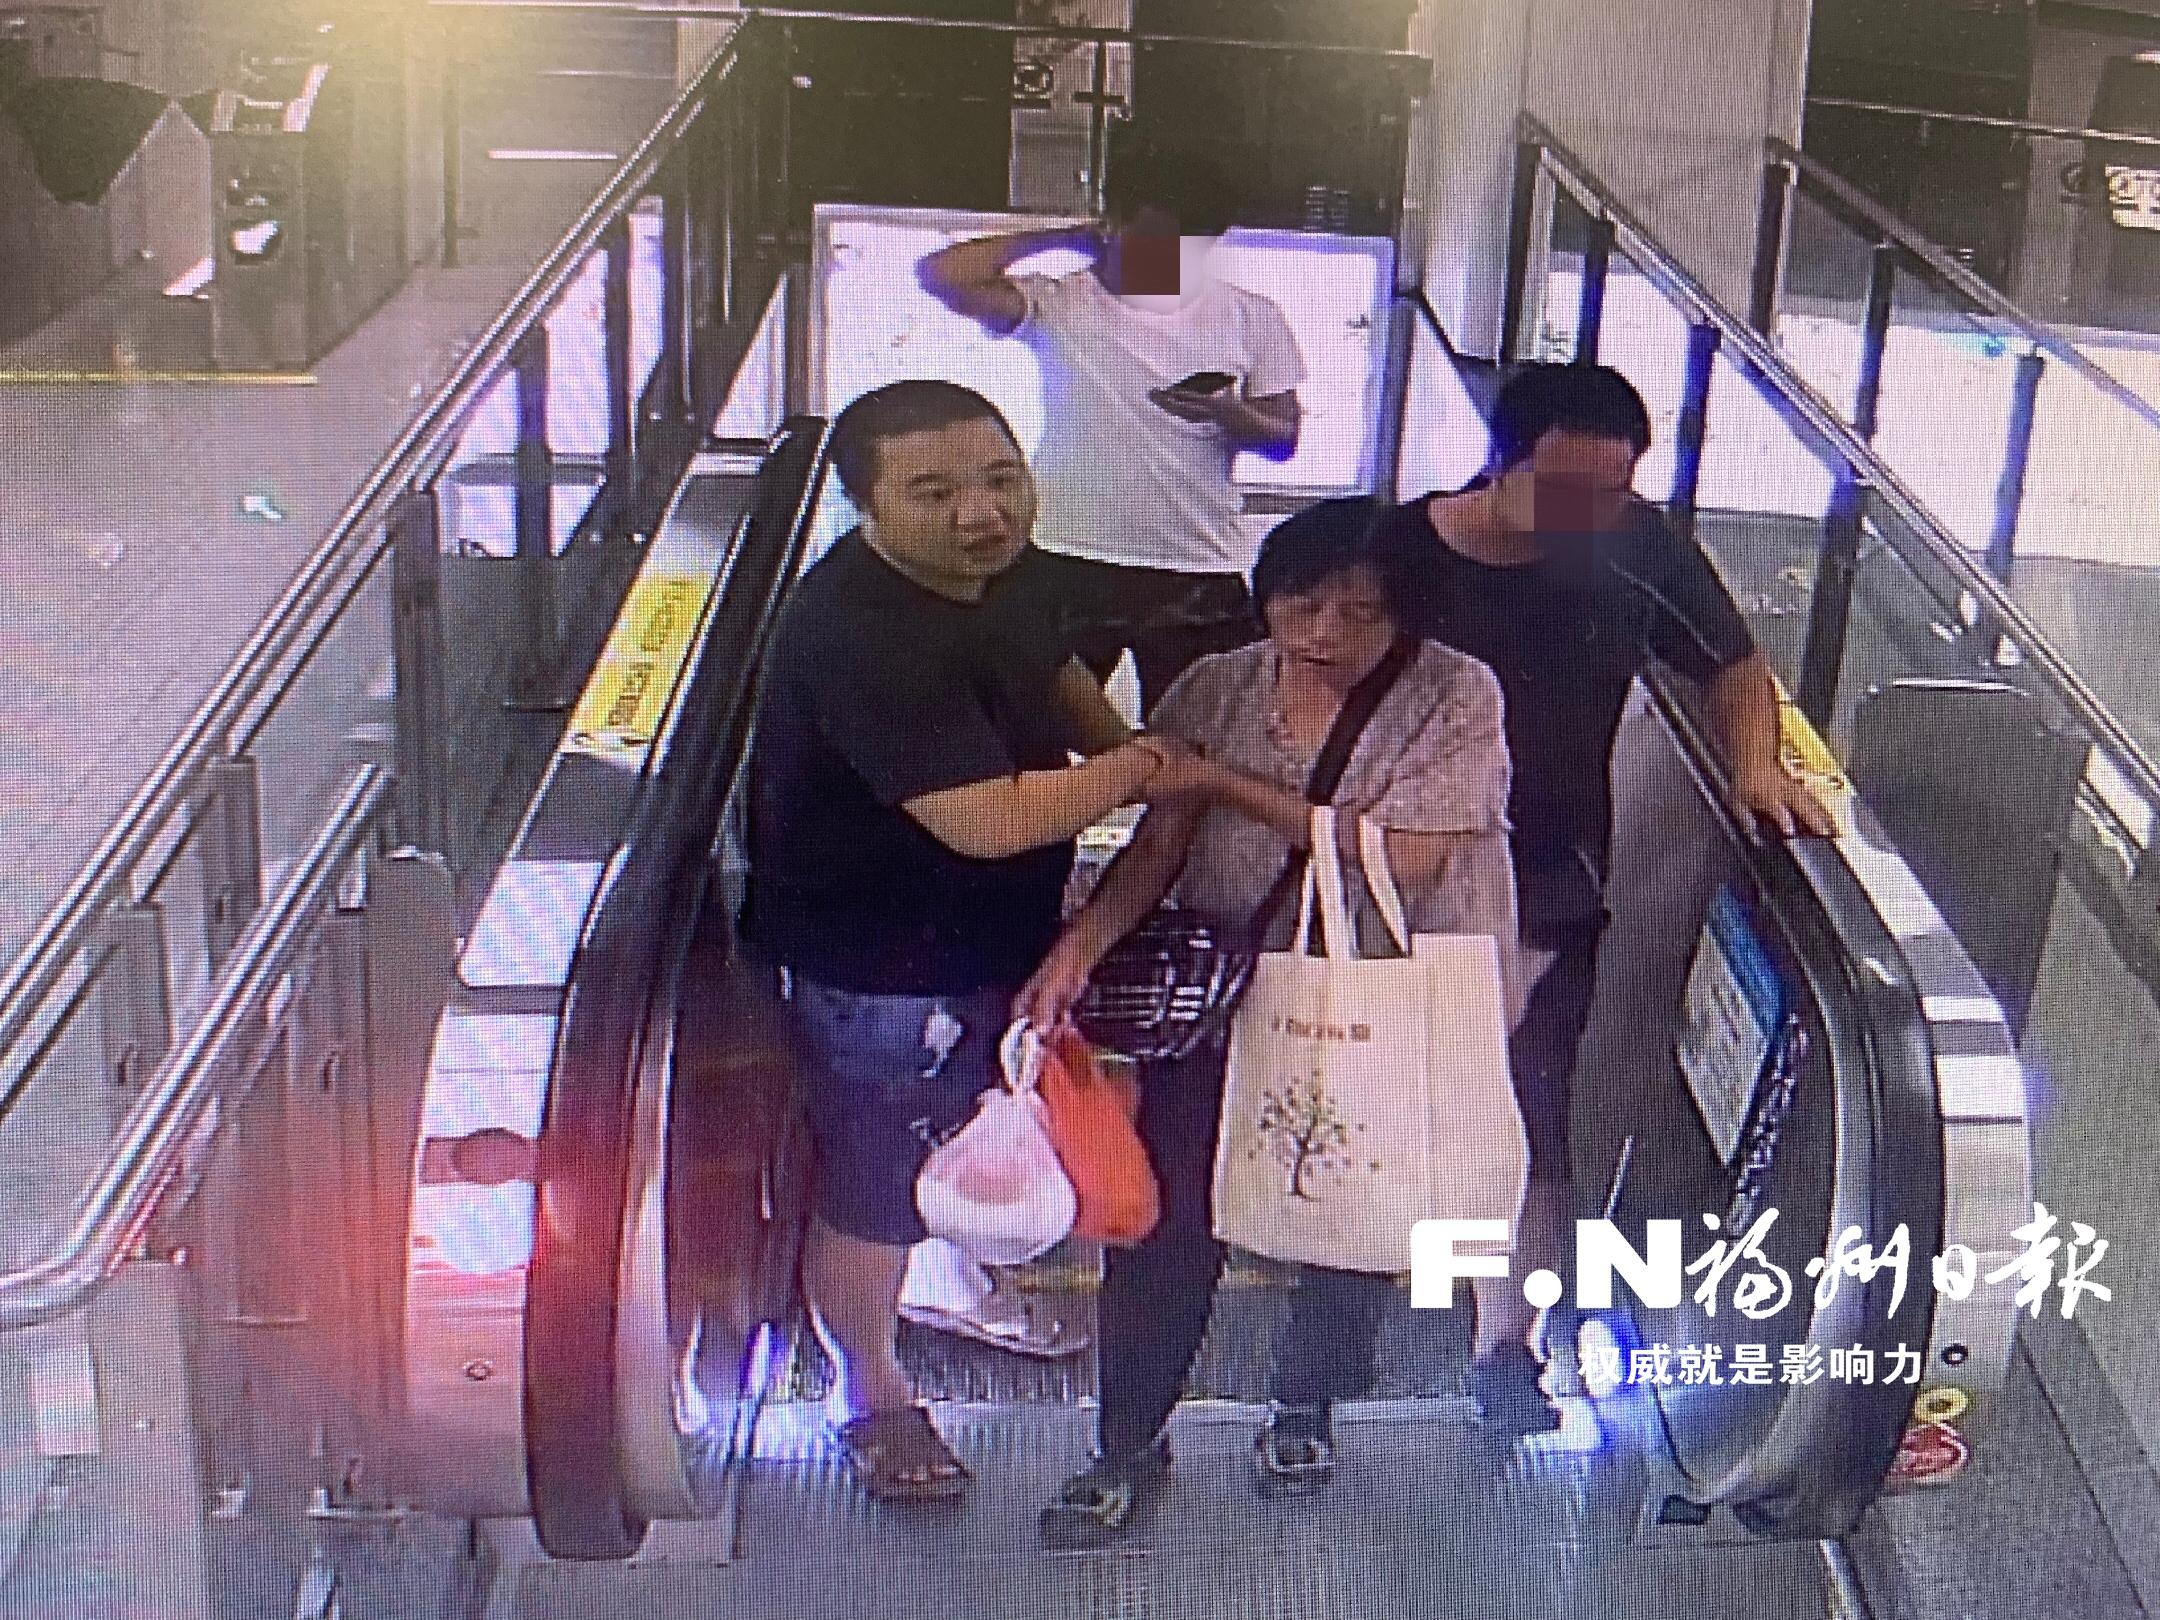 福州七旬老人突发昏厥 地铁内好心市民上演爱心接力